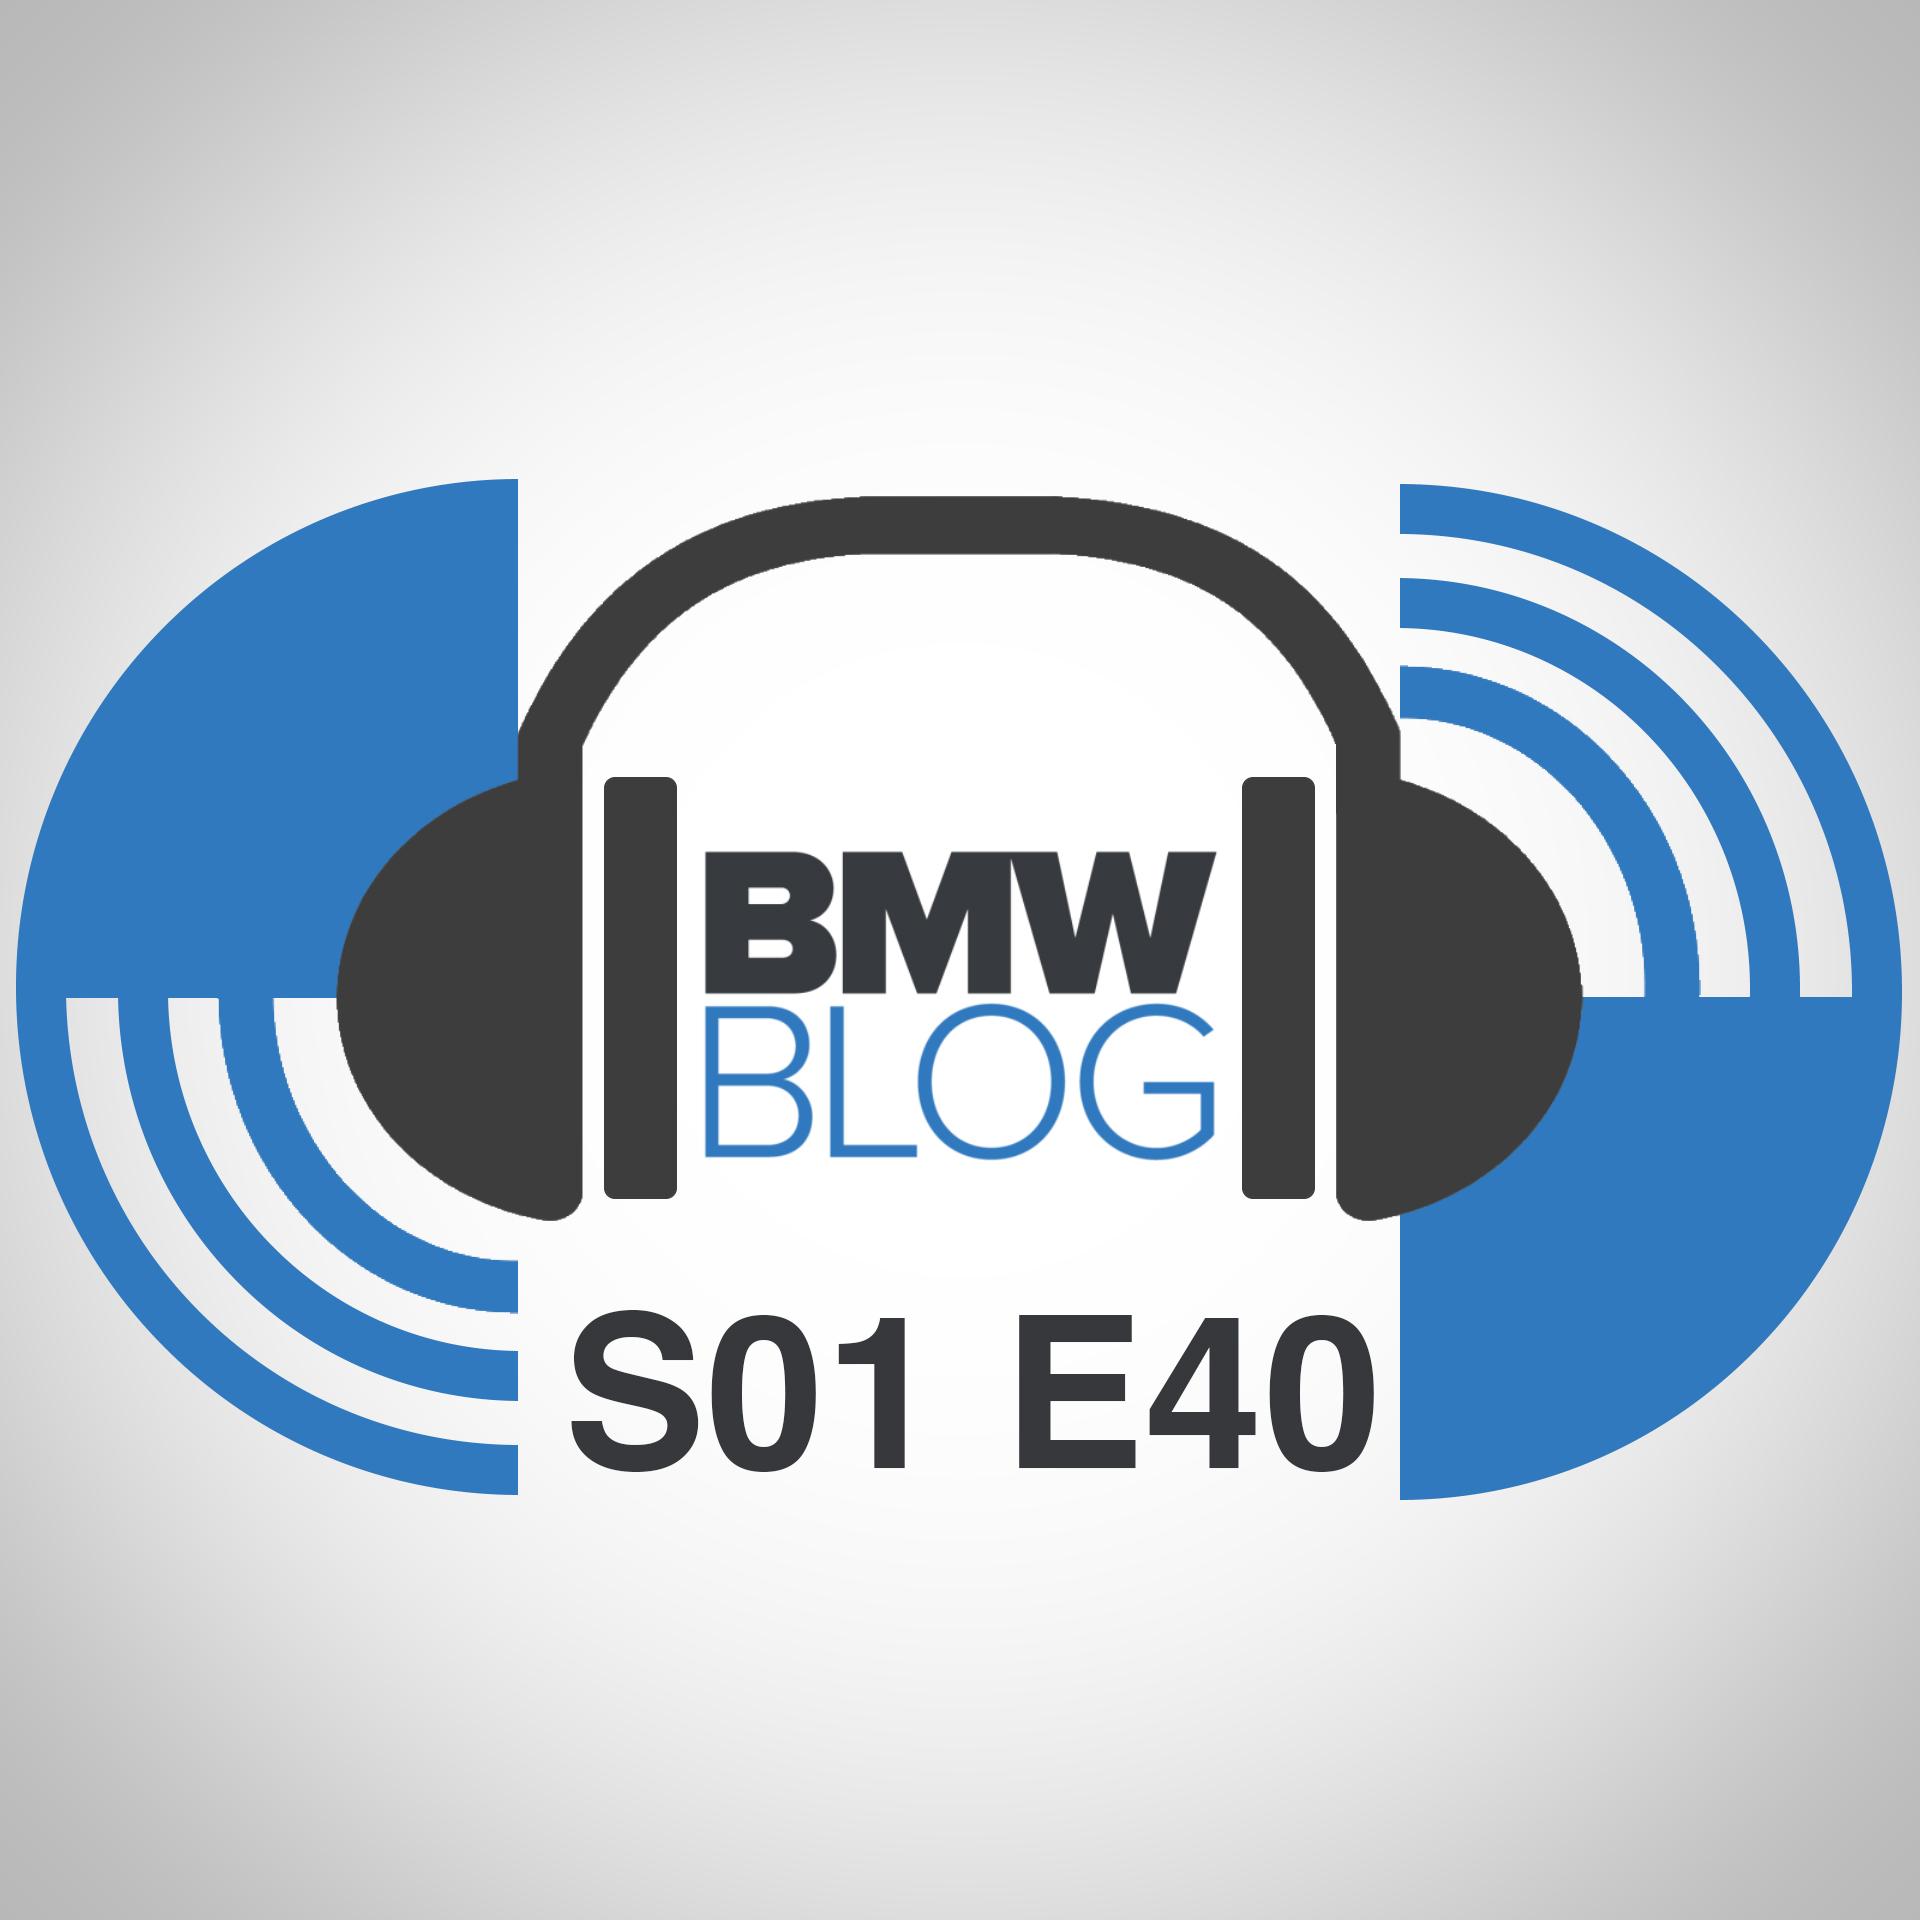 bmwblog podcast episode 40